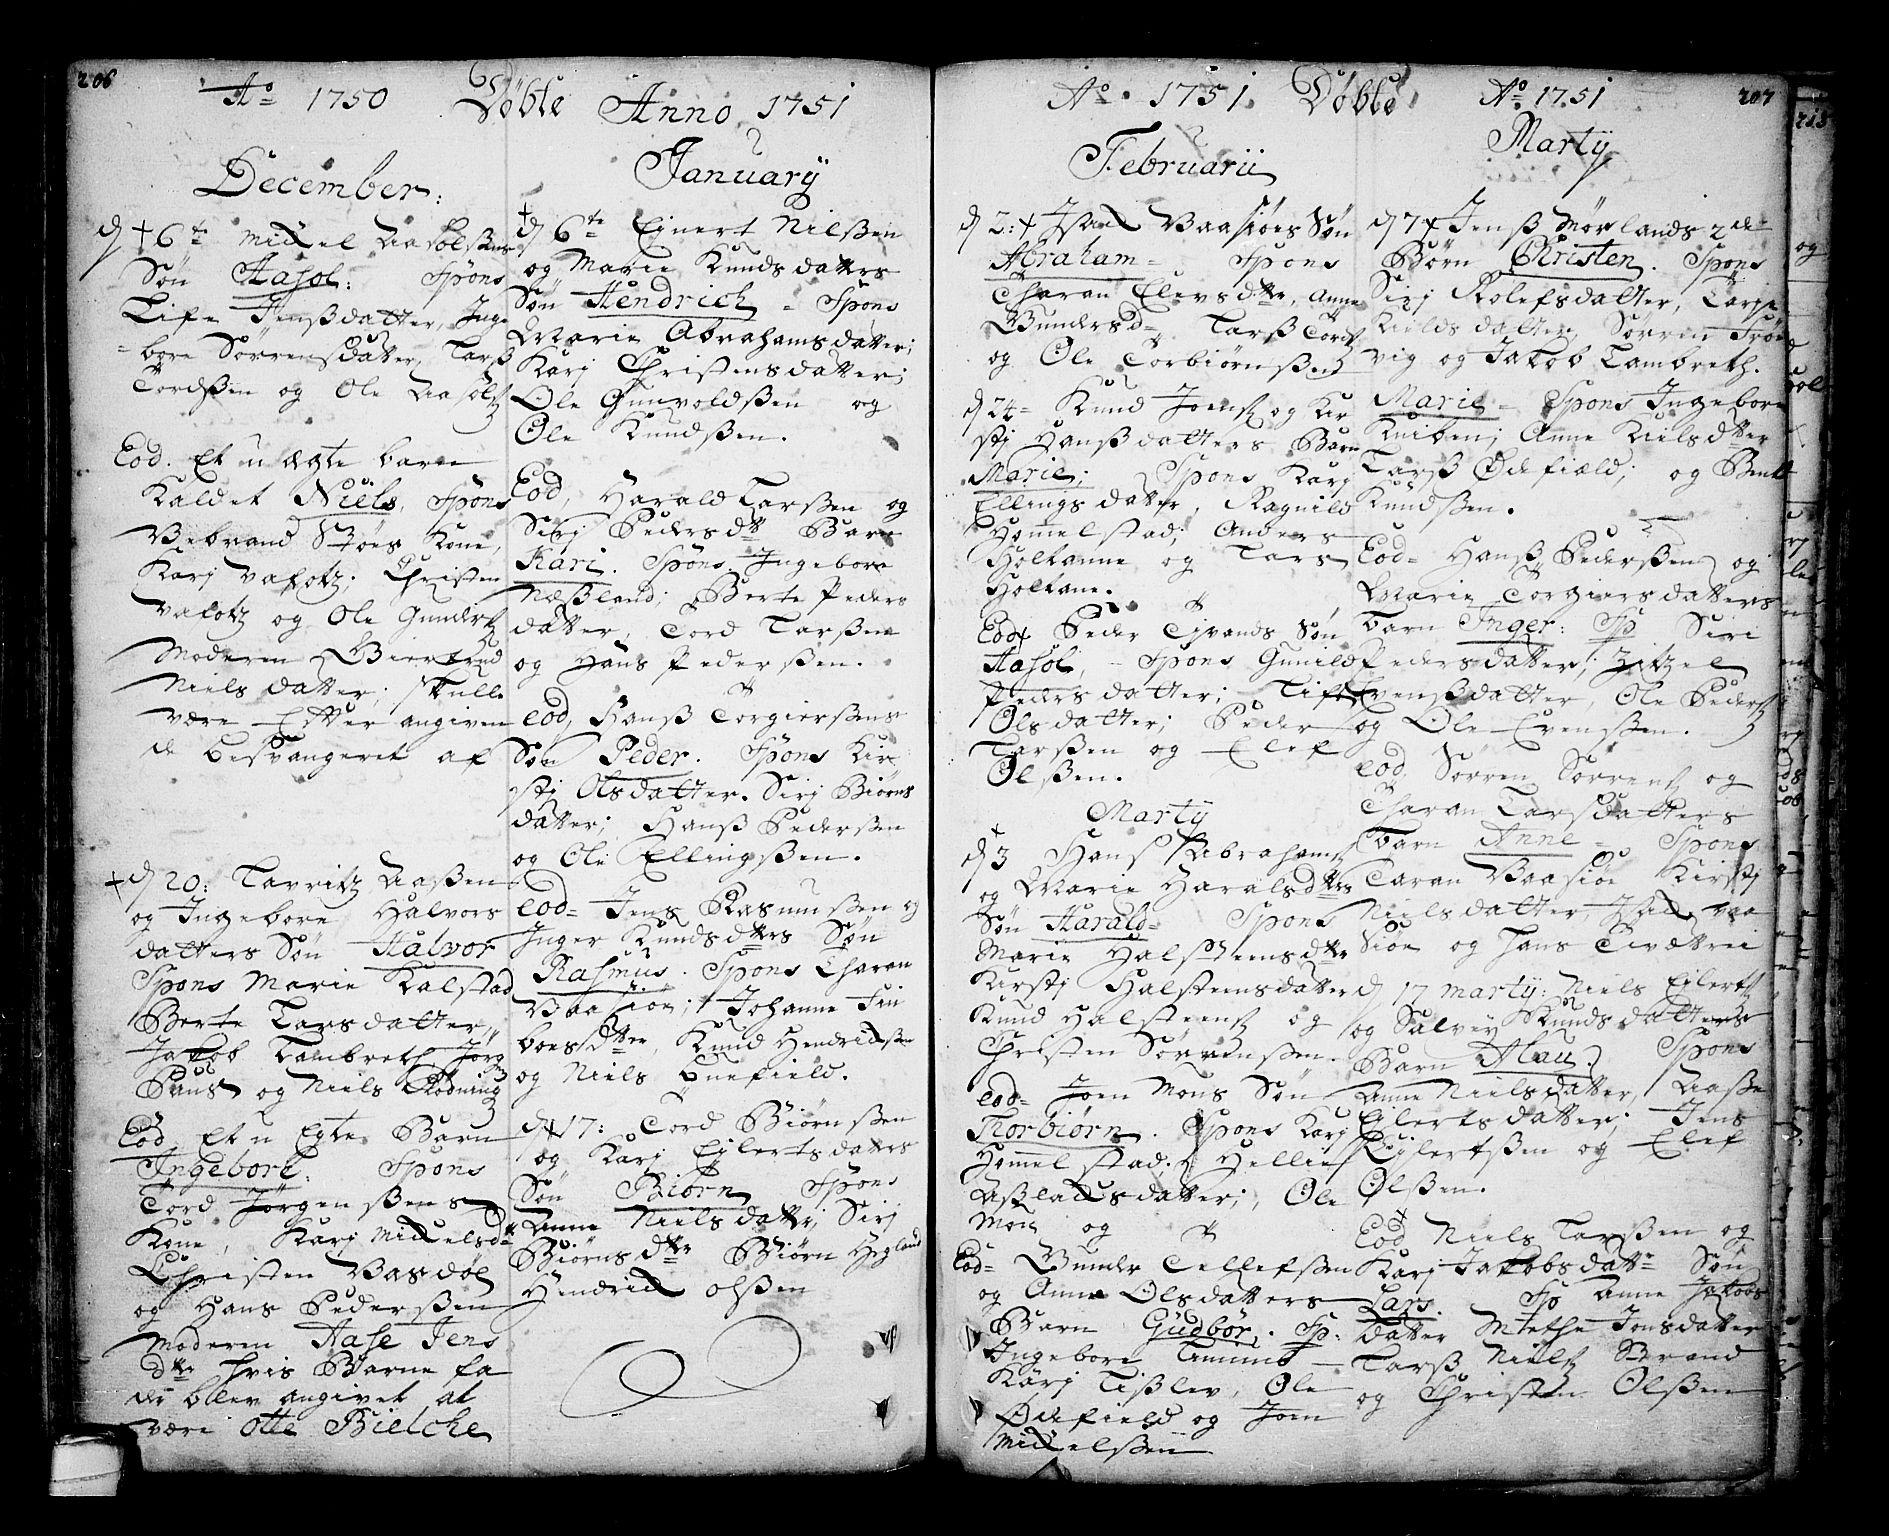 SAKO, Sannidal kirkebøker, F/Fa/L0001: Ministerialbok nr. 1, 1702-1766, s. 206-207